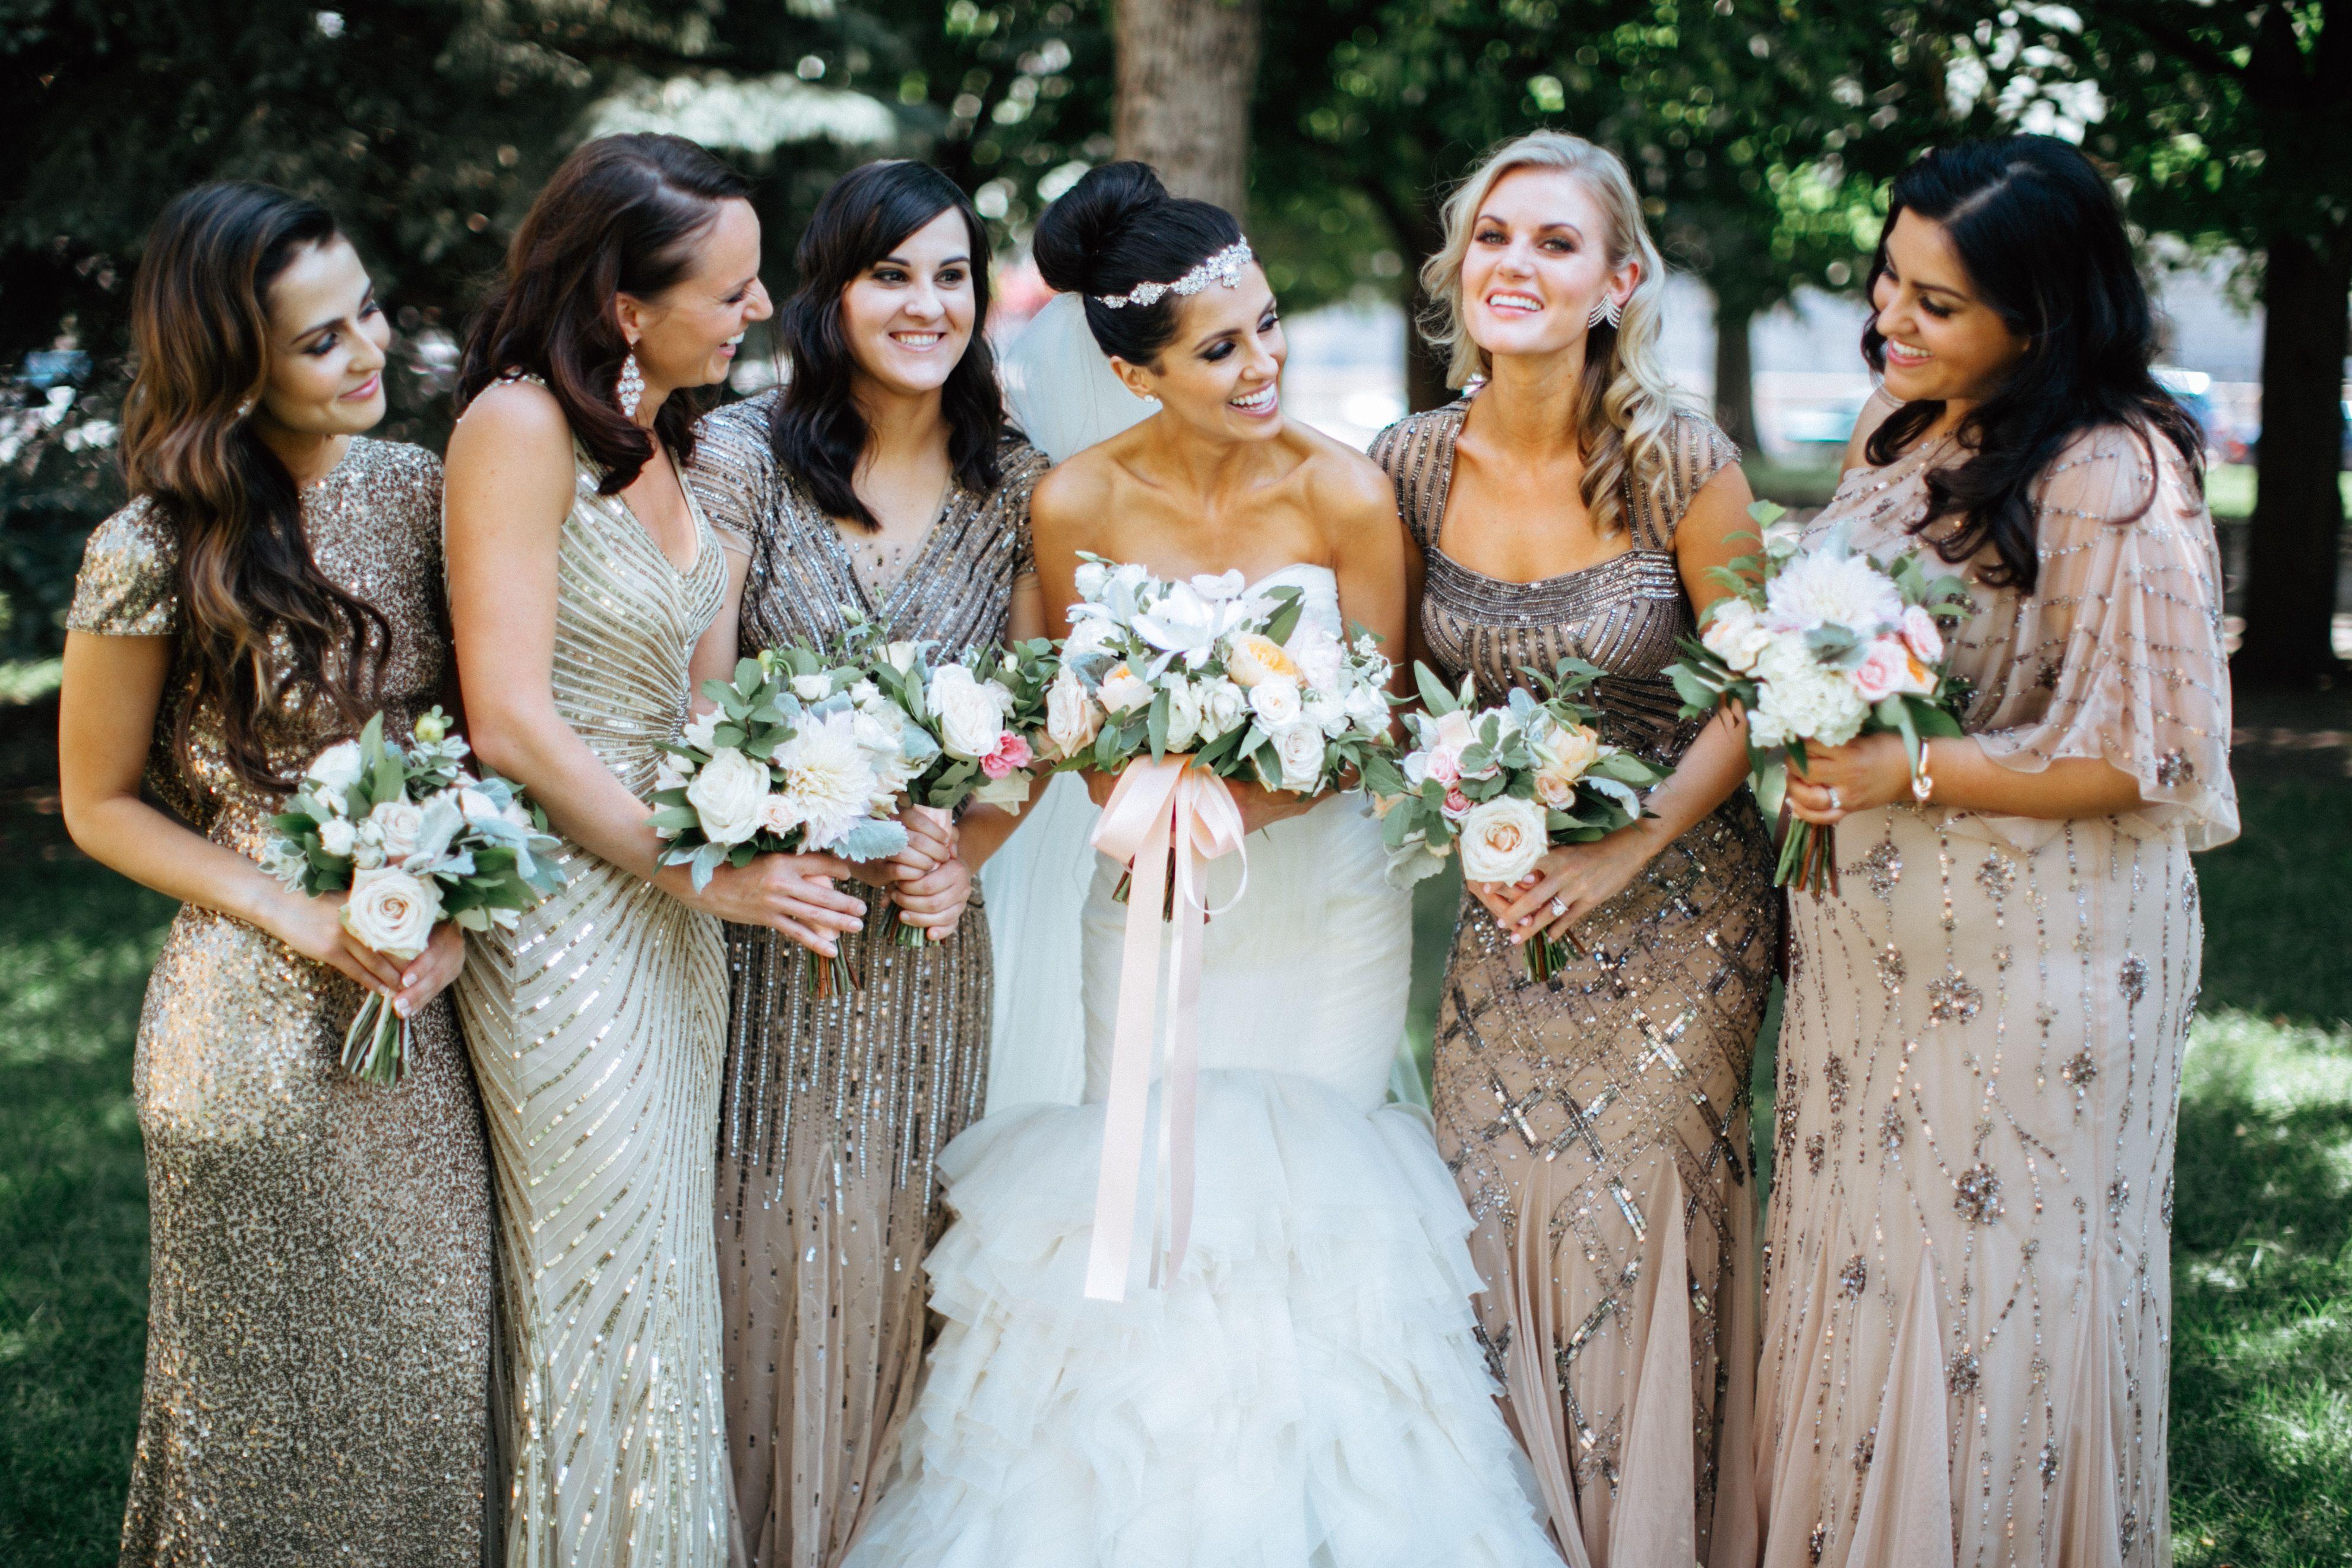 прическа на свадьбу подруге картинки своей необычайной нежности